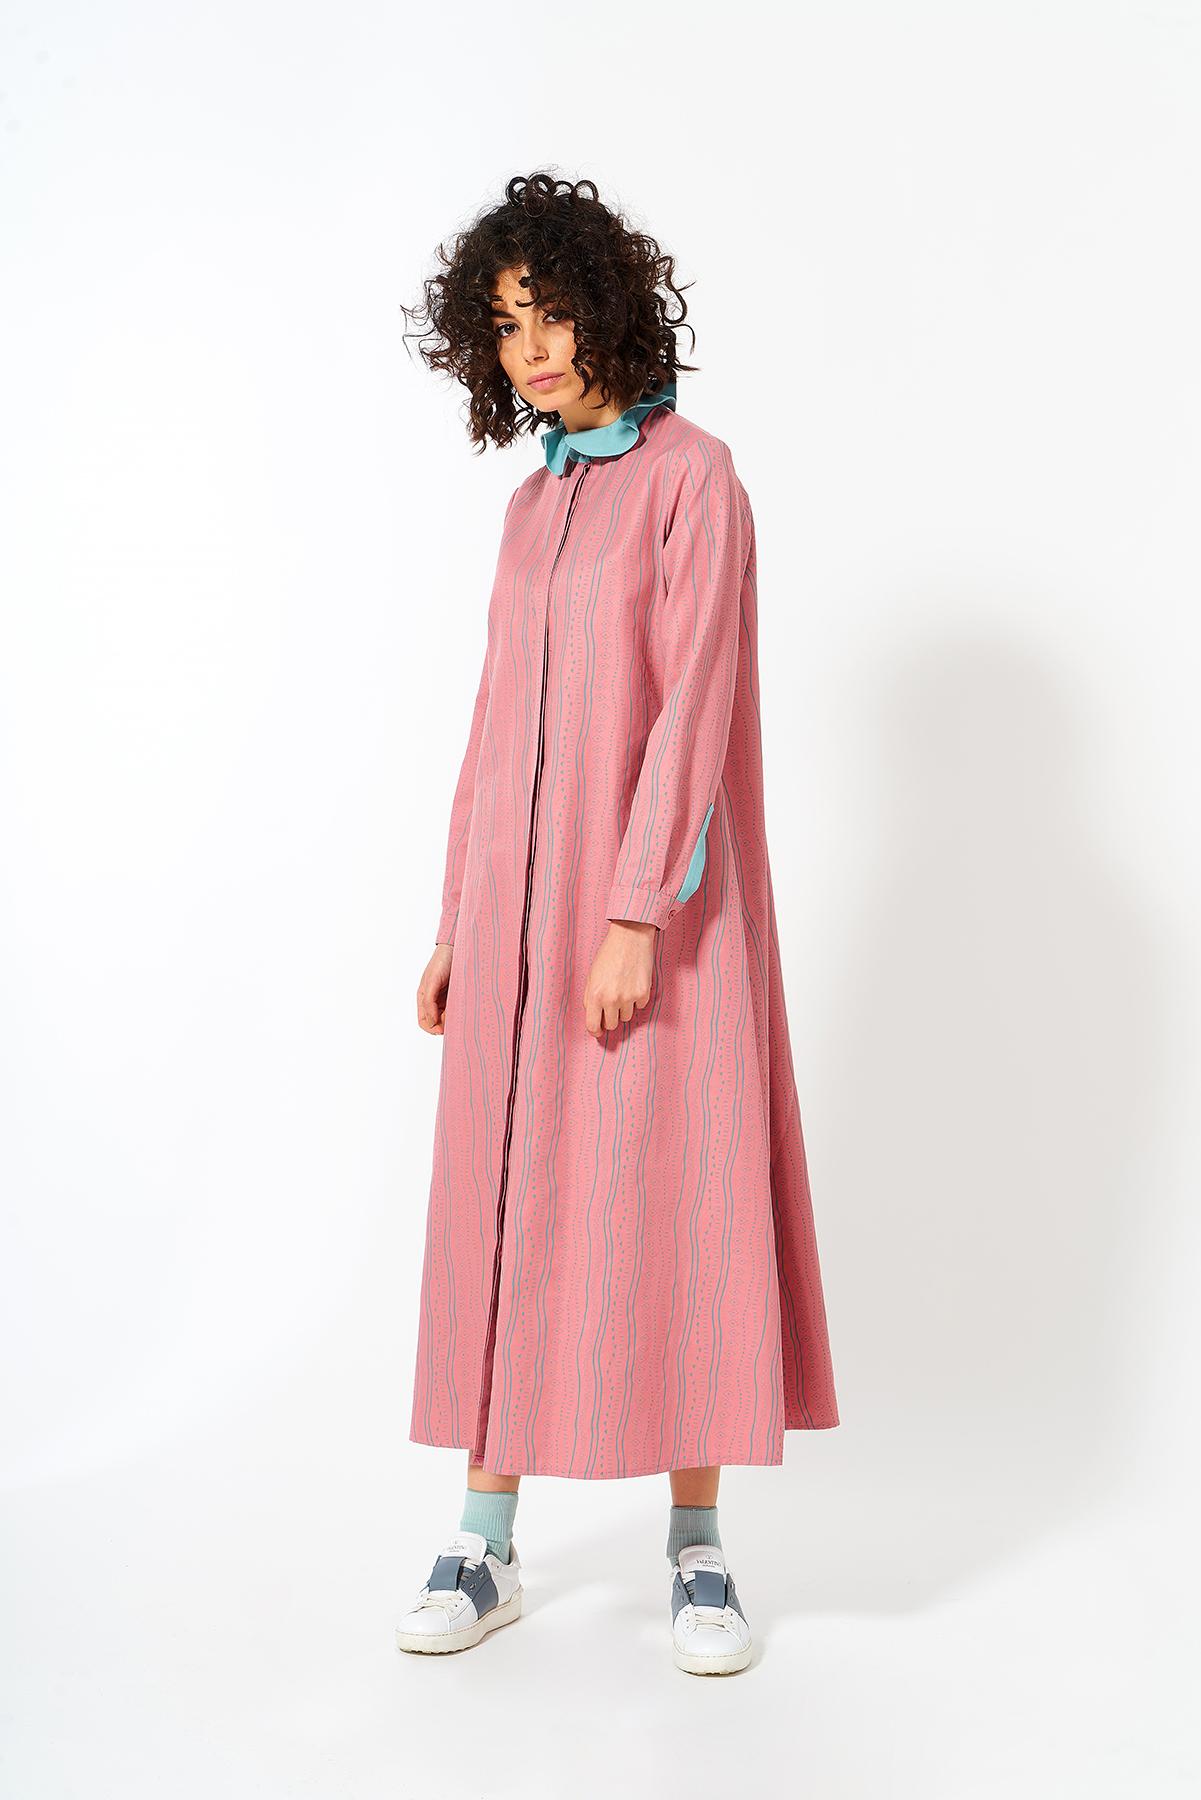 Mevra - Fırfır Yaka Elbise Pudra